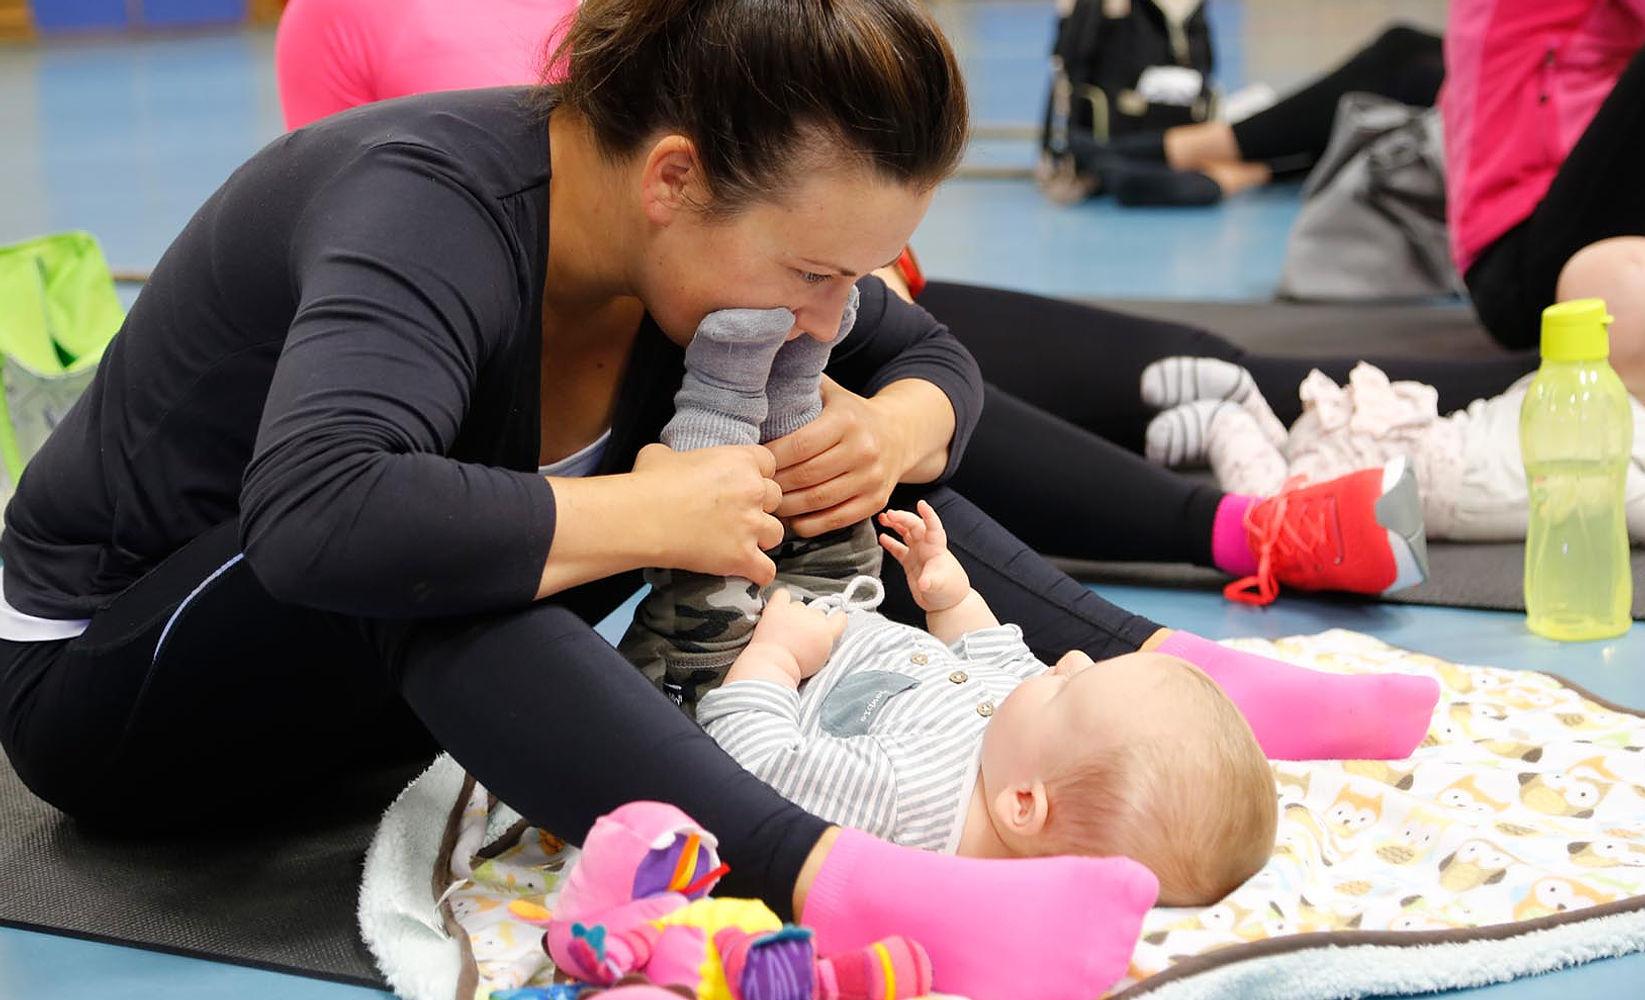 Mamma busar med sin bebis under mamma-träningspass